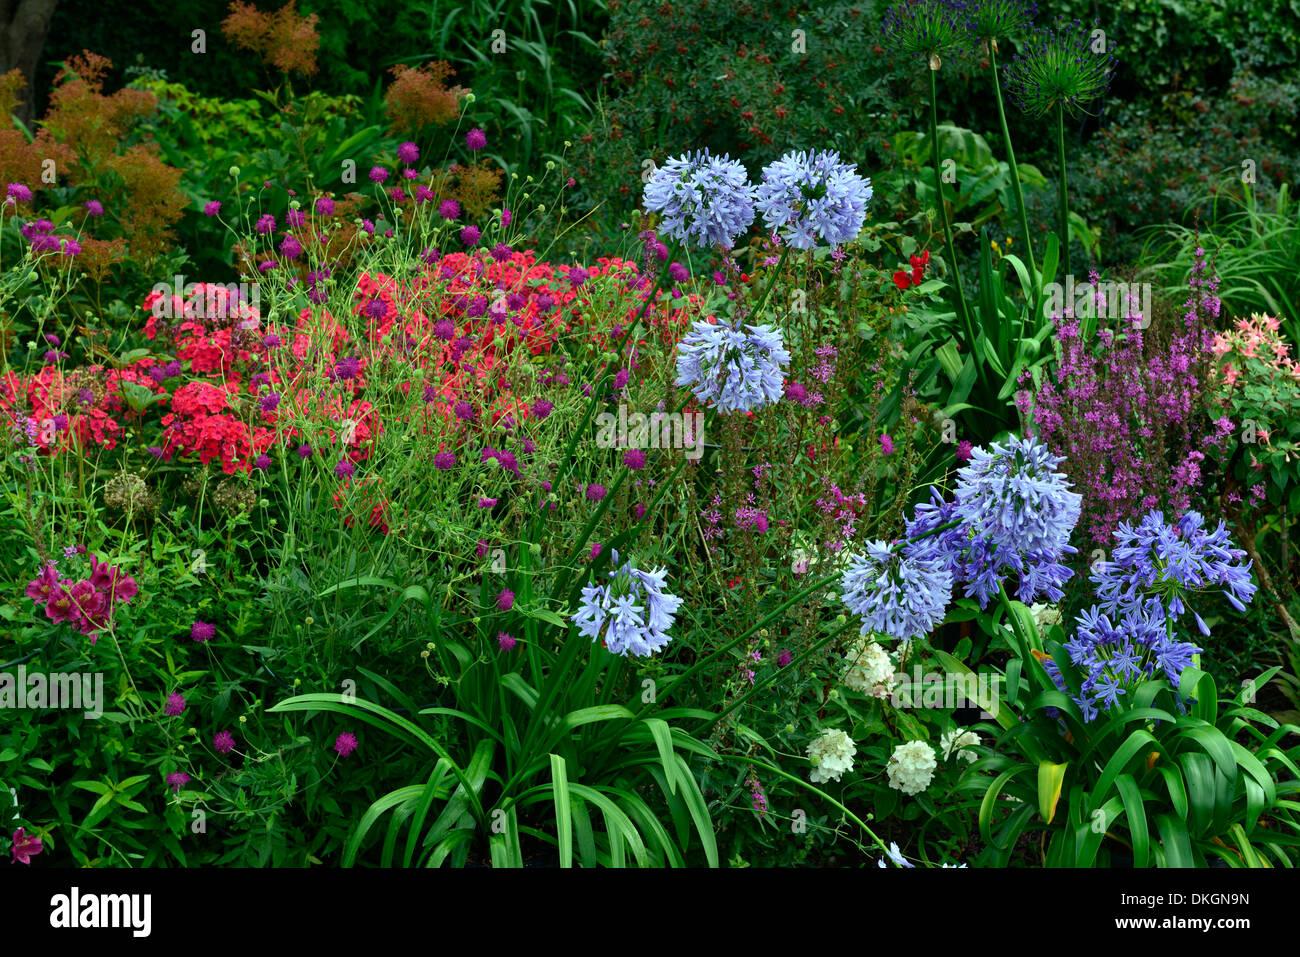 Dillon Garden Dublin Ireland perennial border contrasting flower colour garden plant combination - Stock Image